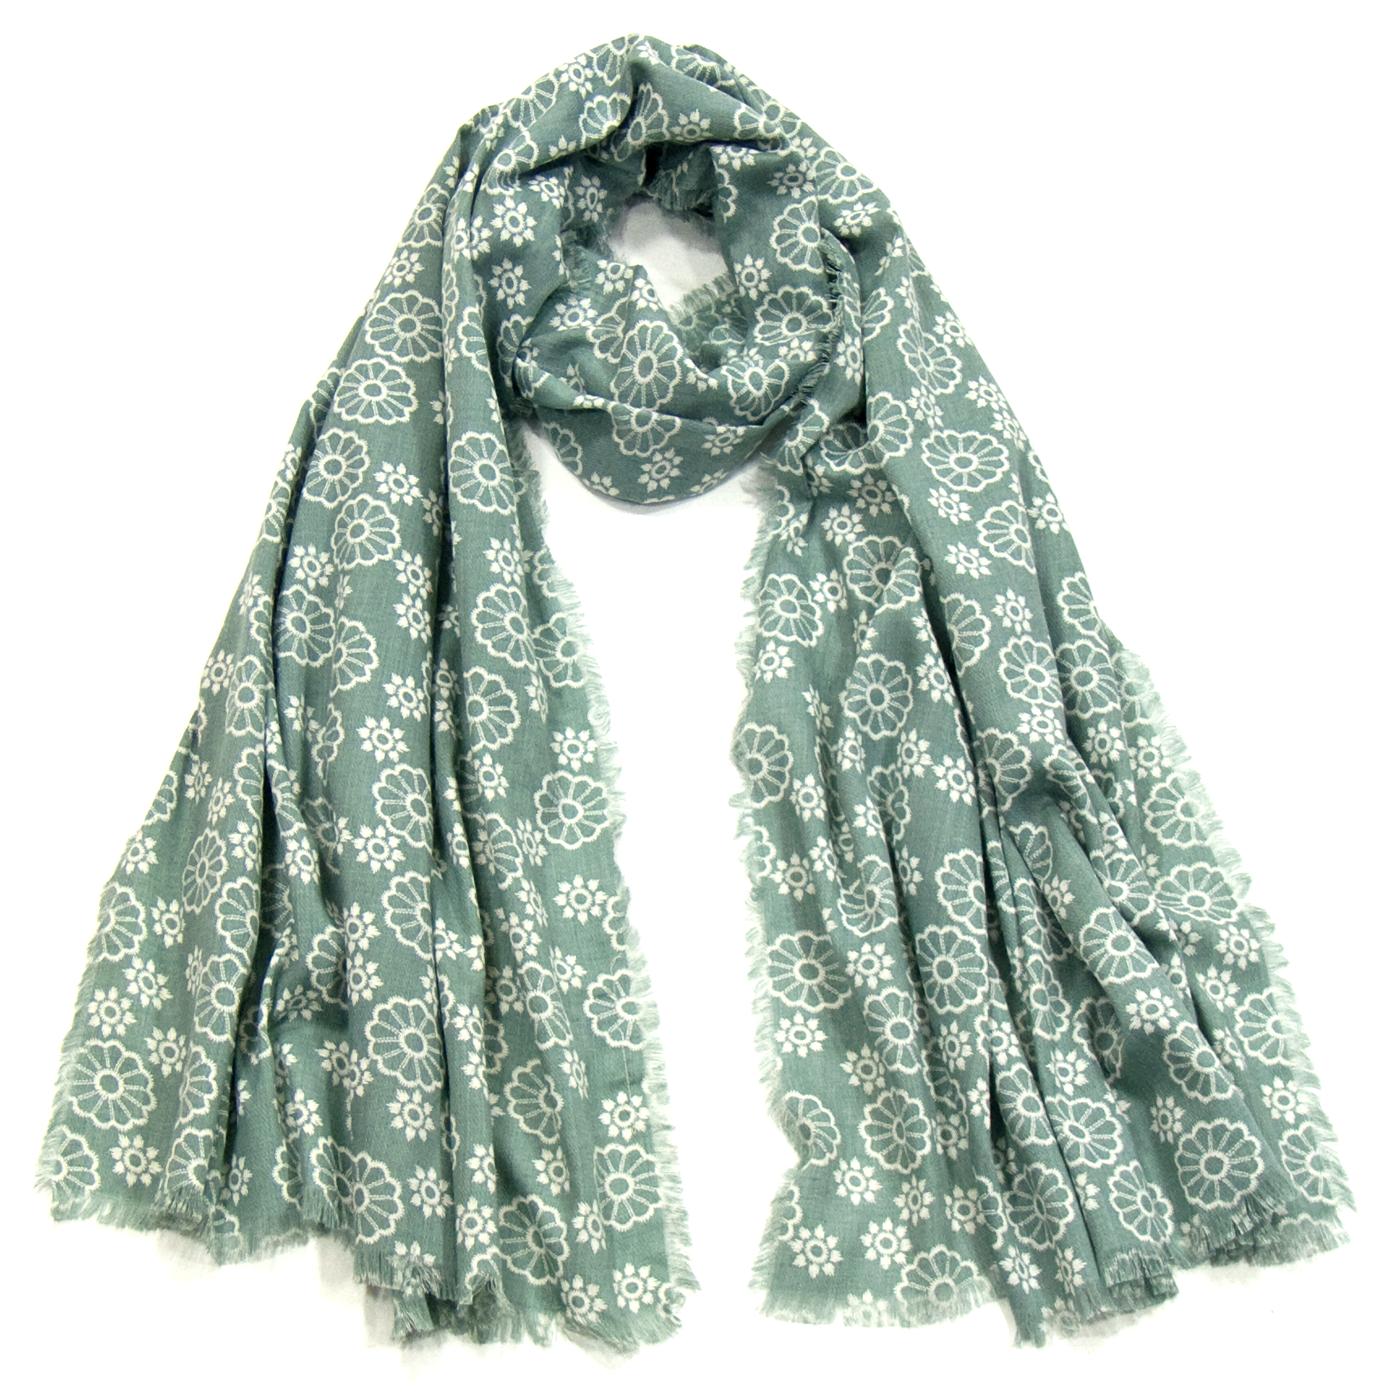 Foulard chèche vert rosaces - Foulard Foulard chèche - Mes Echarpes 7b5de0cd6b2